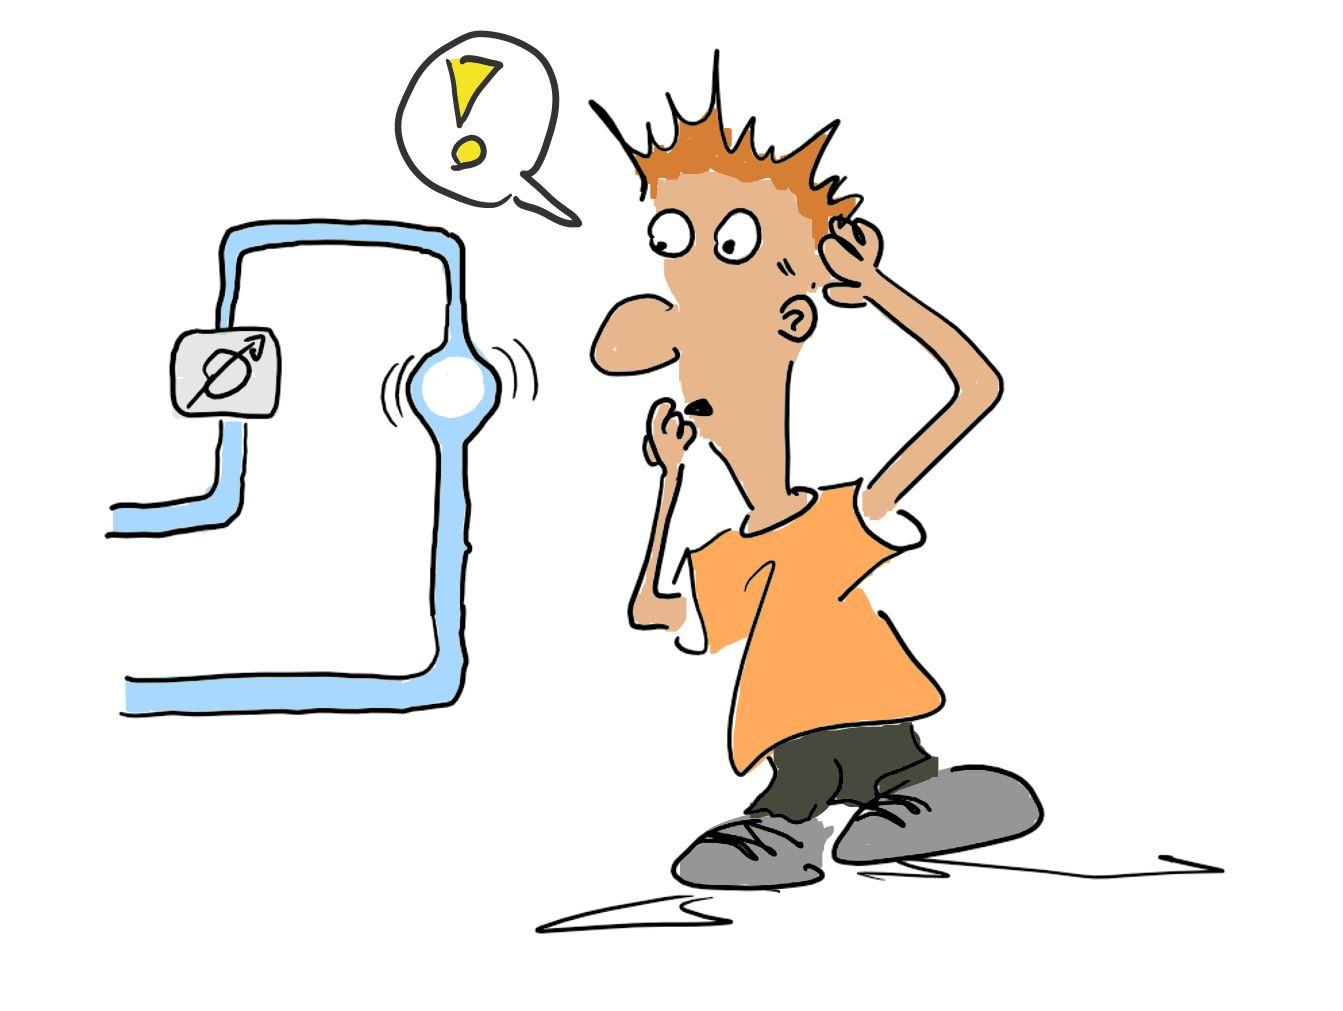 Gasblasen im Duchflusssensor